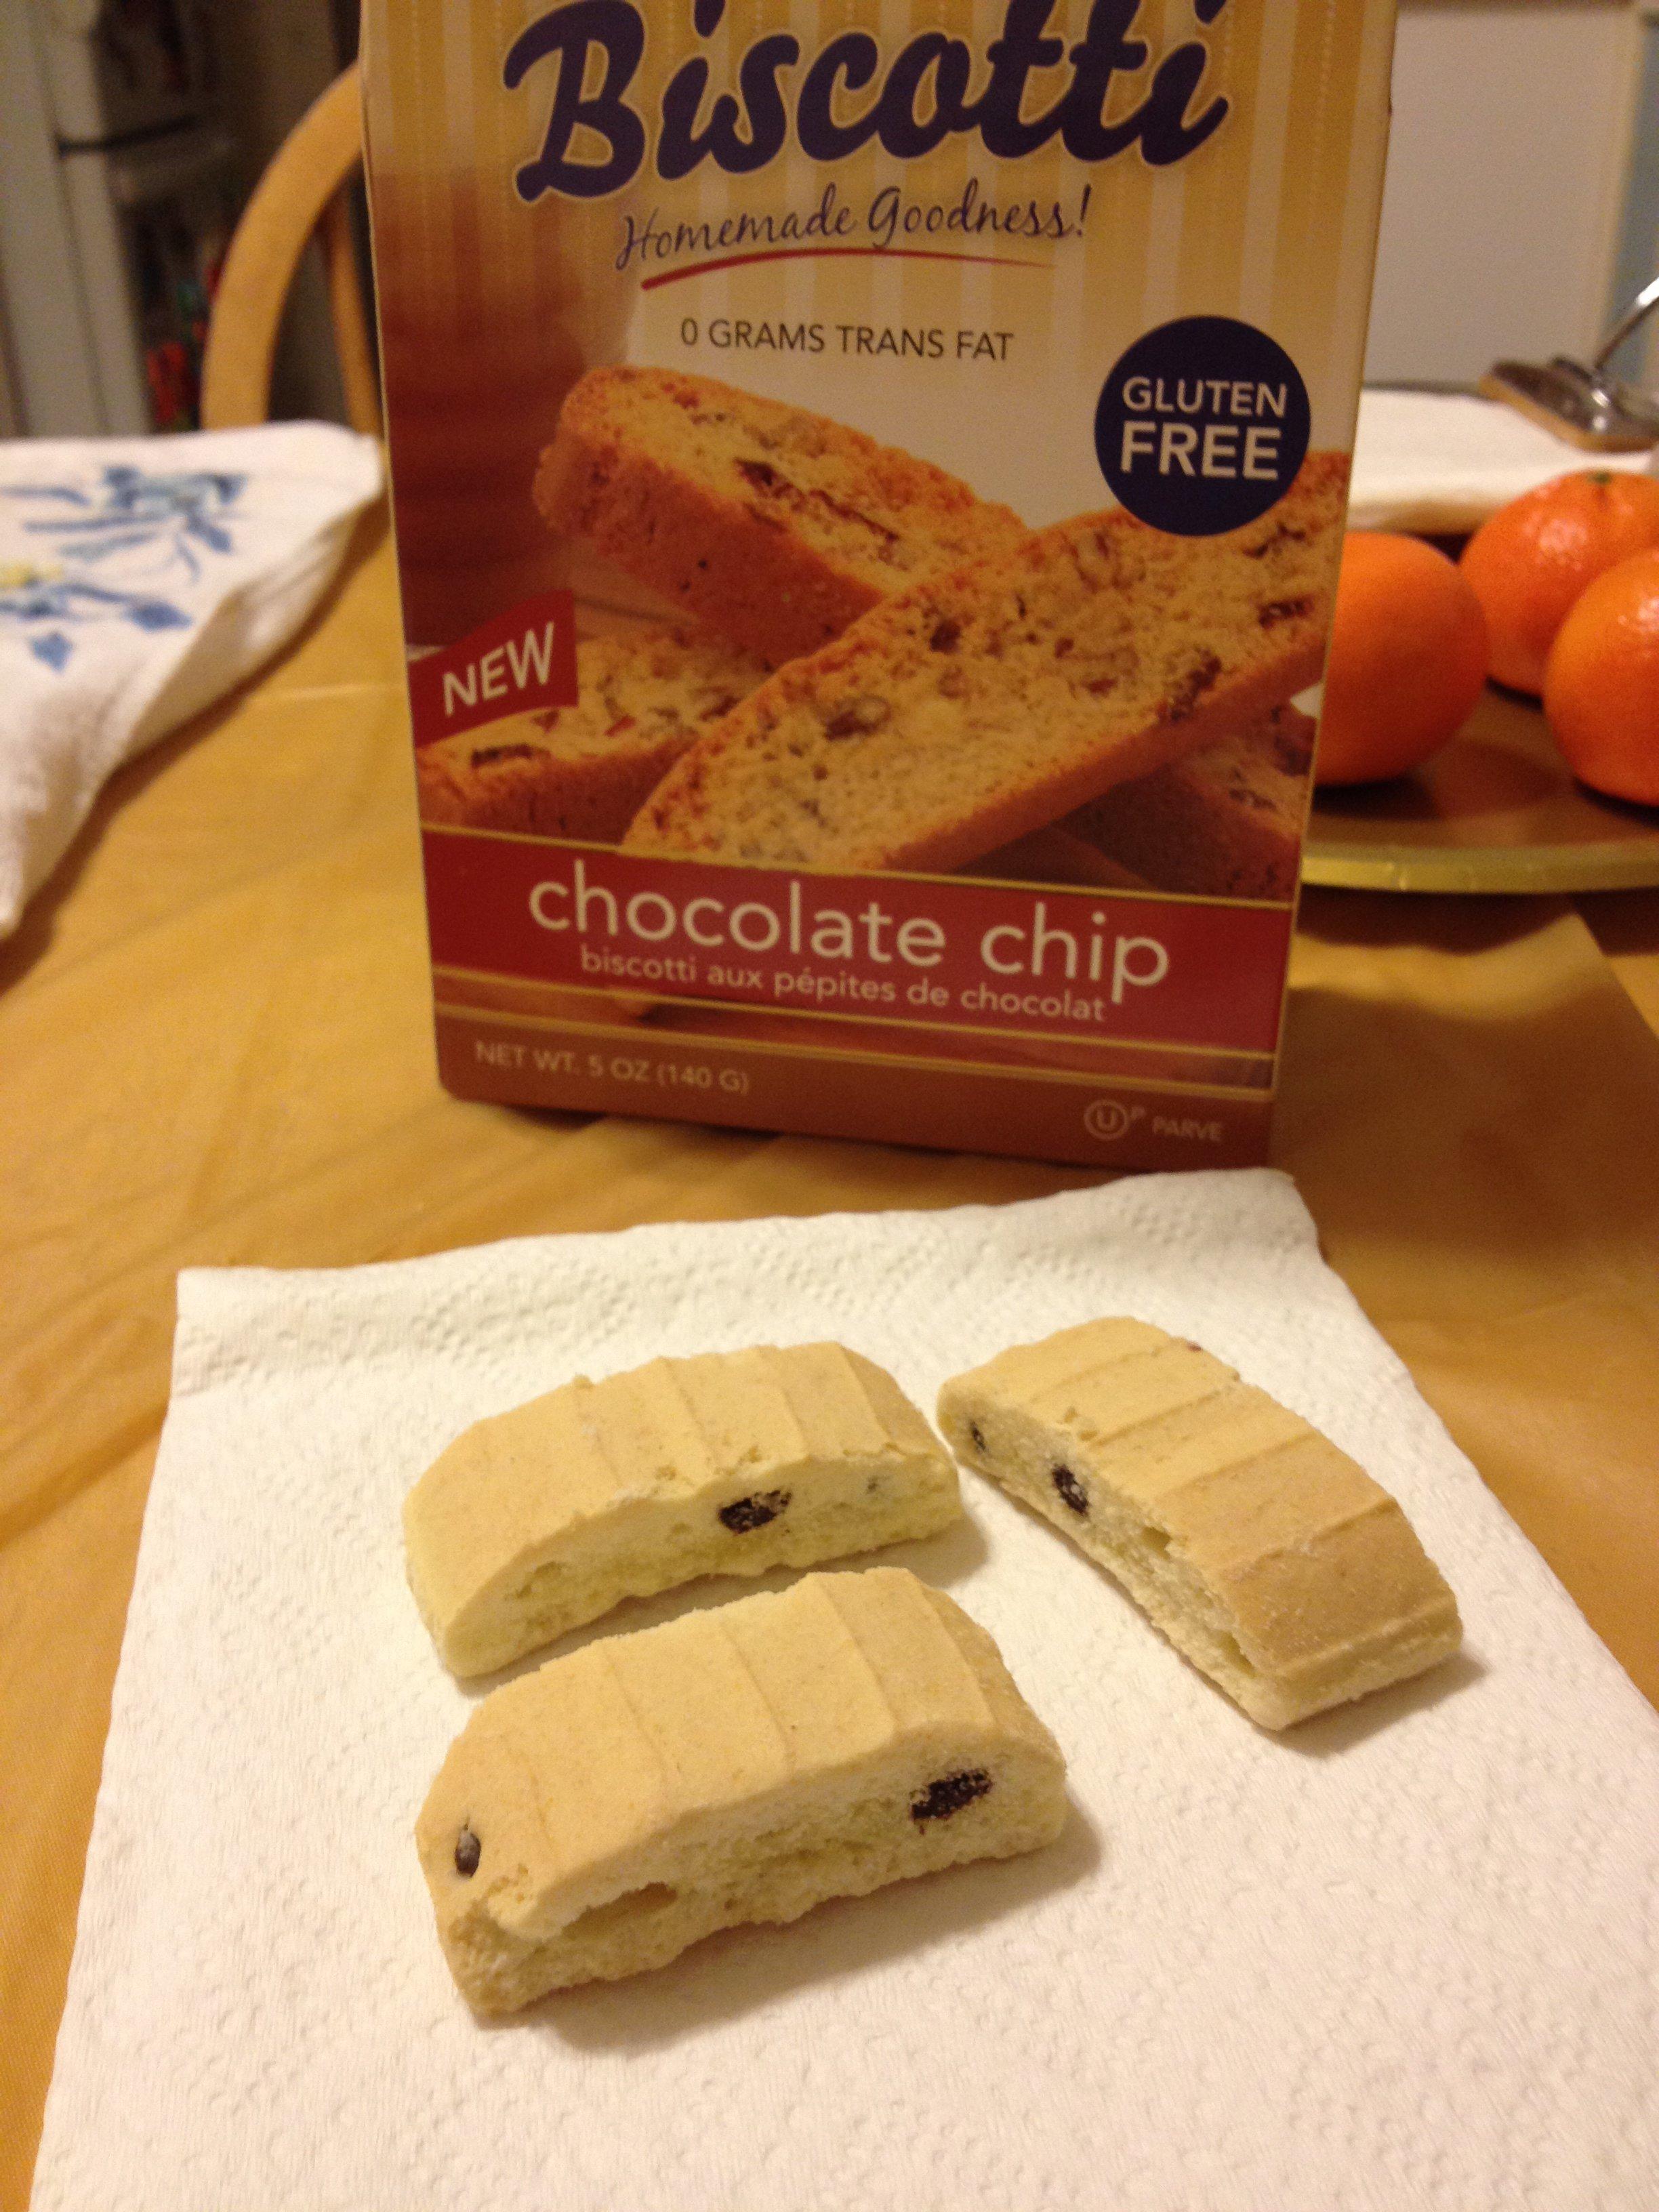 Passover biscotti